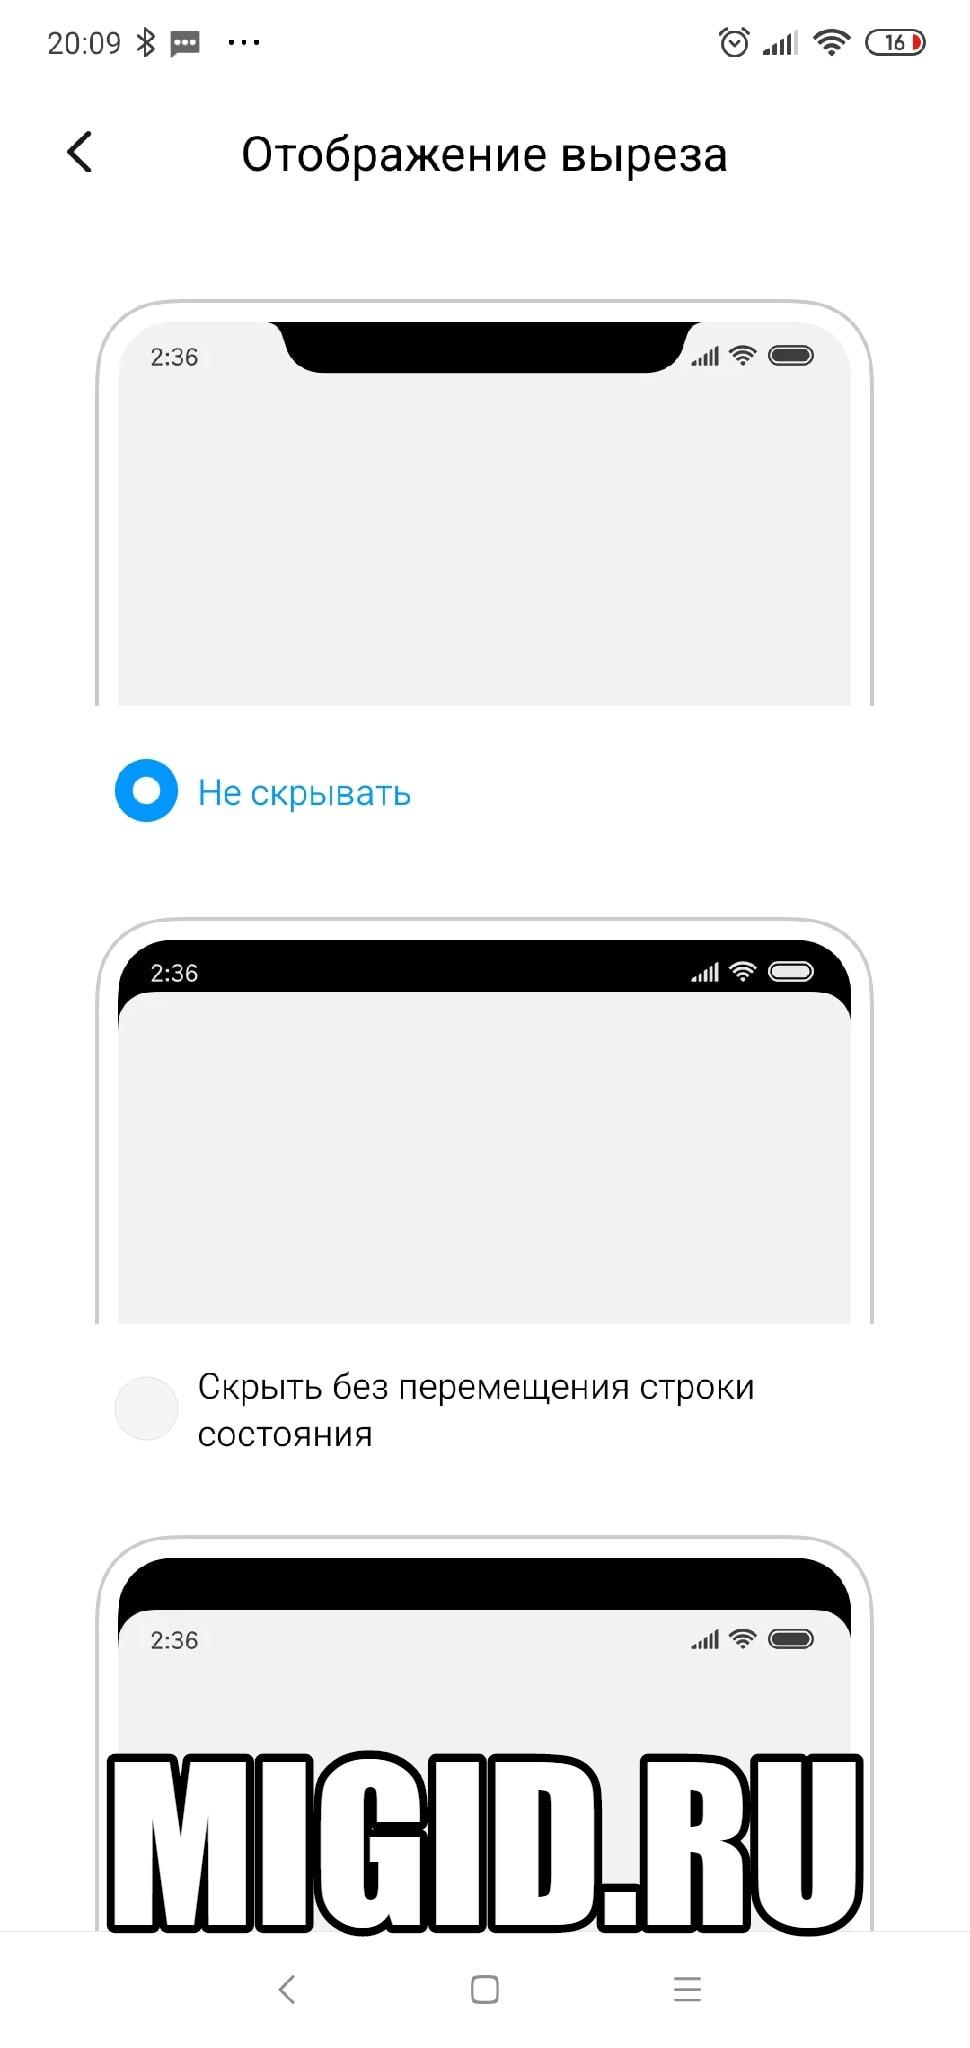 Как скрыть вырез на Xiaomi и Redmi